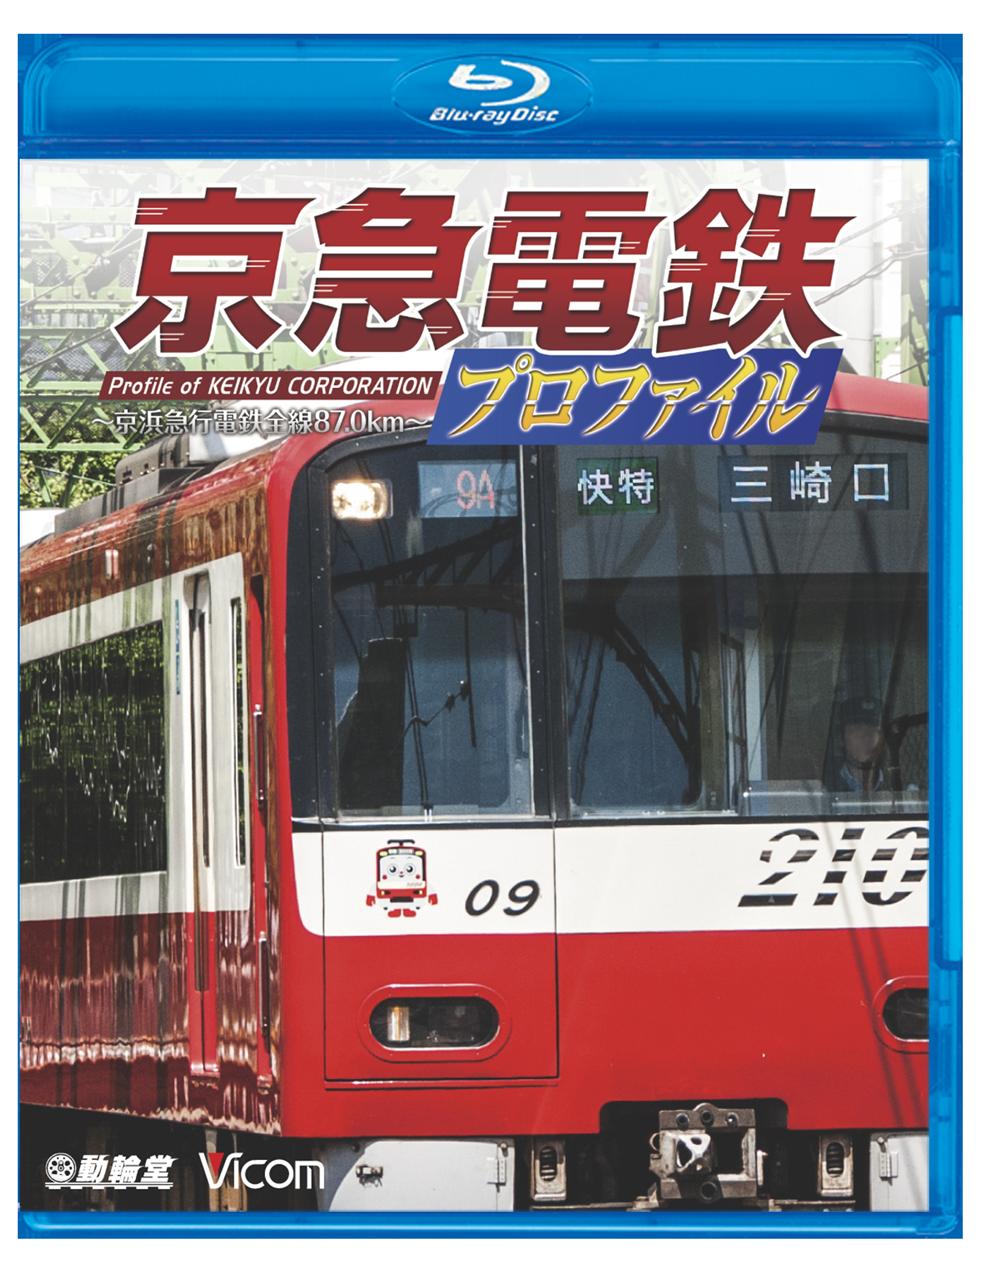 京急電鉄プロファイル~京浜急行電鉄全線87.0km~ブルーレイ版【2016年12月21日発売】